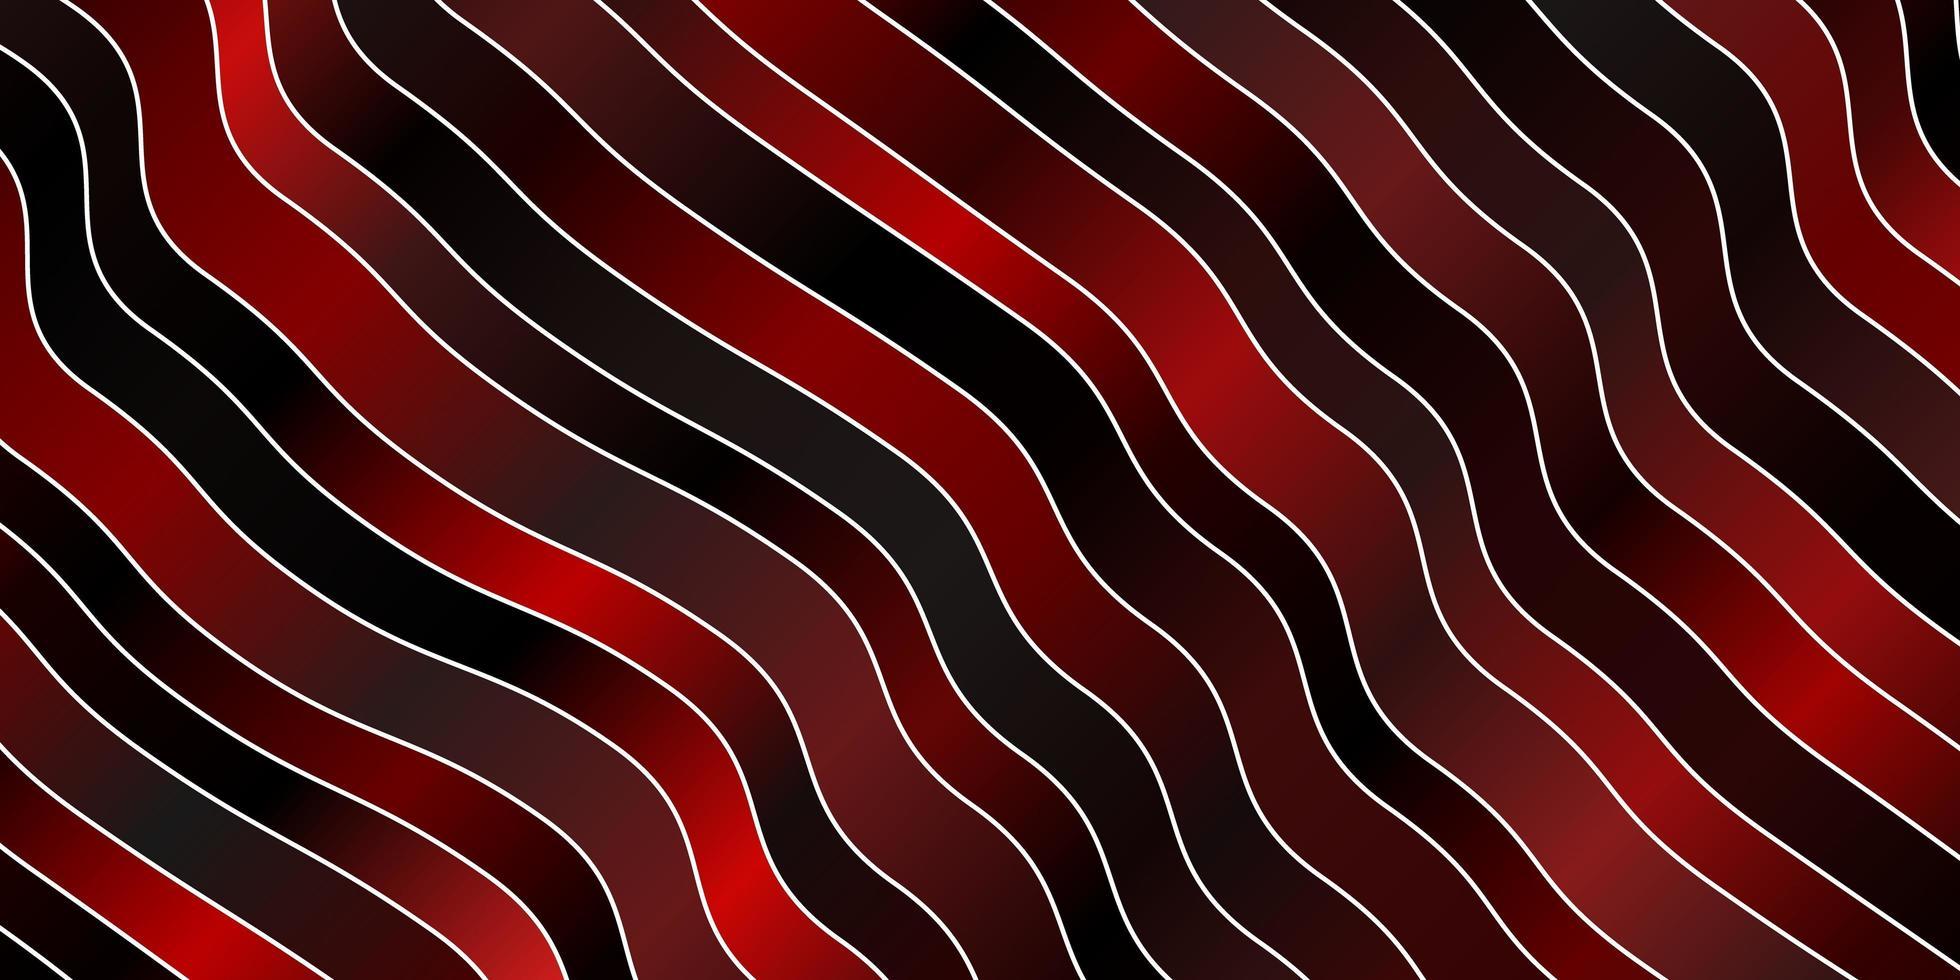 Fondo de vector rojo oscuro con líneas dobladas.